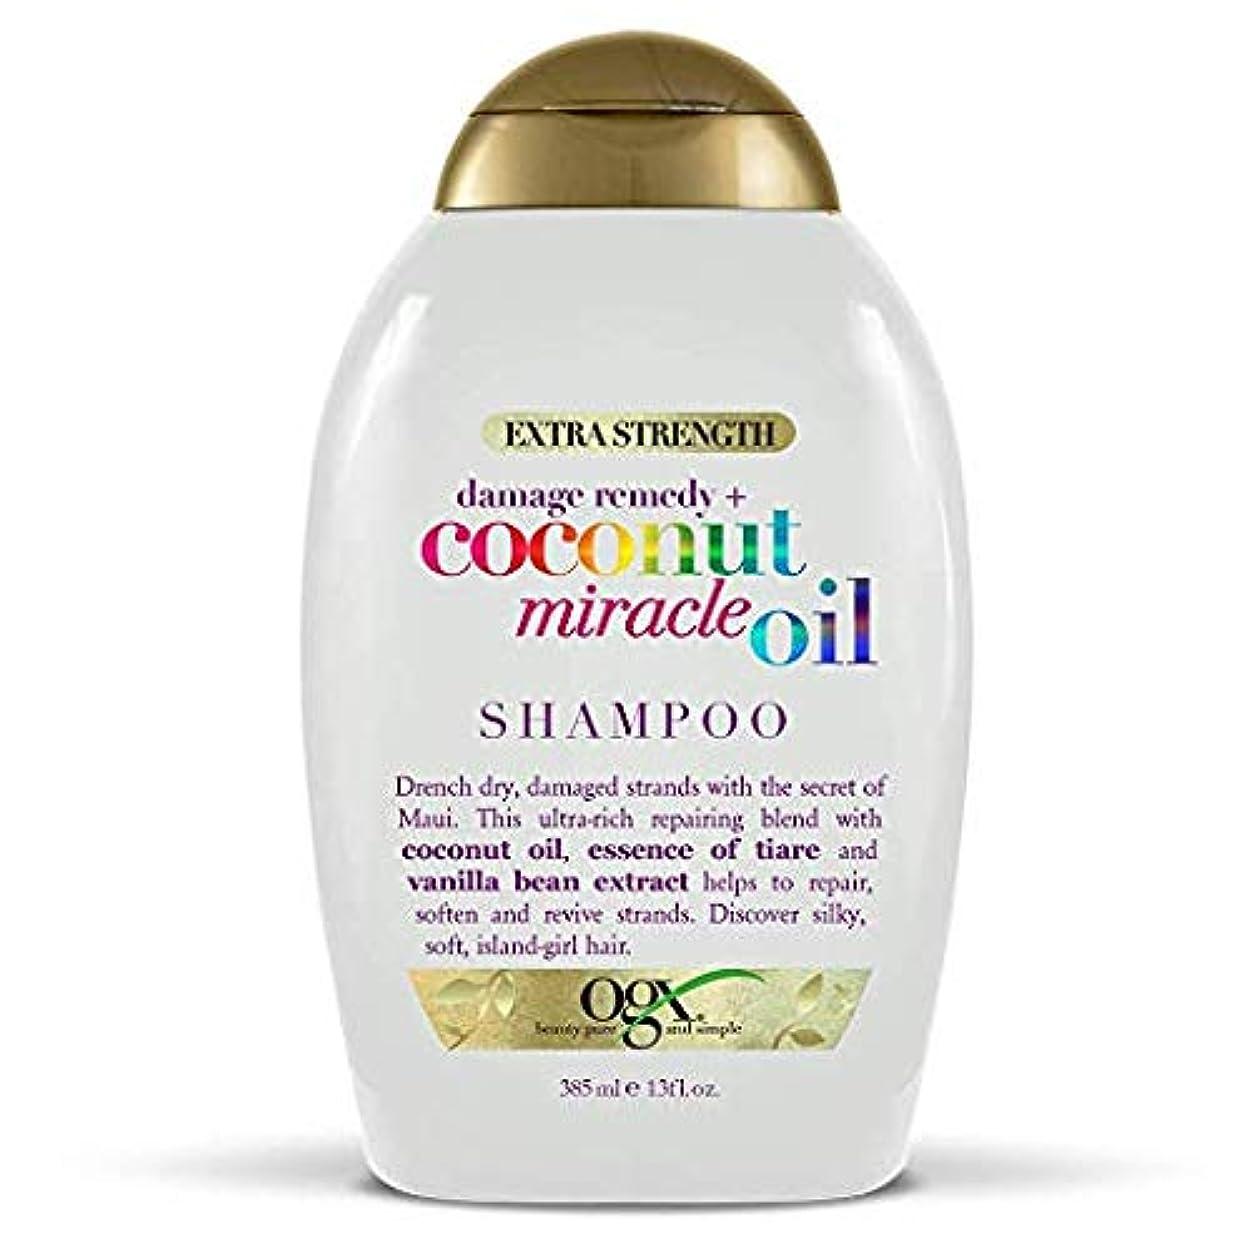 祖父母を訪問緯度起業家Ogx Shampoo Coconut Miracle Oil Extra Strength 13oz OGX ココナッツミラクルオイル エクストラストレングス シャンプー 385ml [並行輸入品]